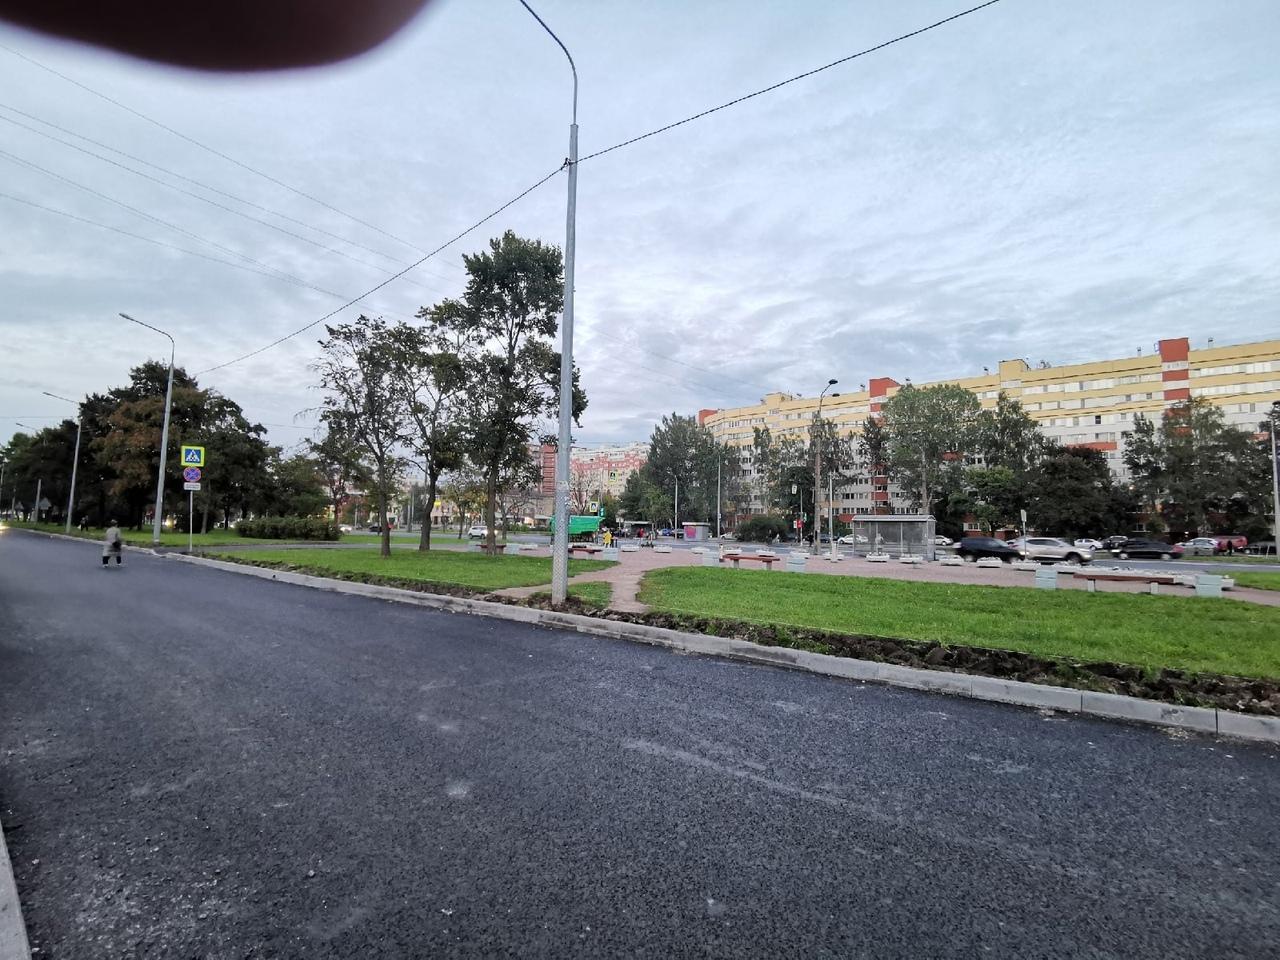 На проспекте Маршала Жукова натянута верёвка вдоль кармана на высоте около 10 см... Когда стемнеет, ...